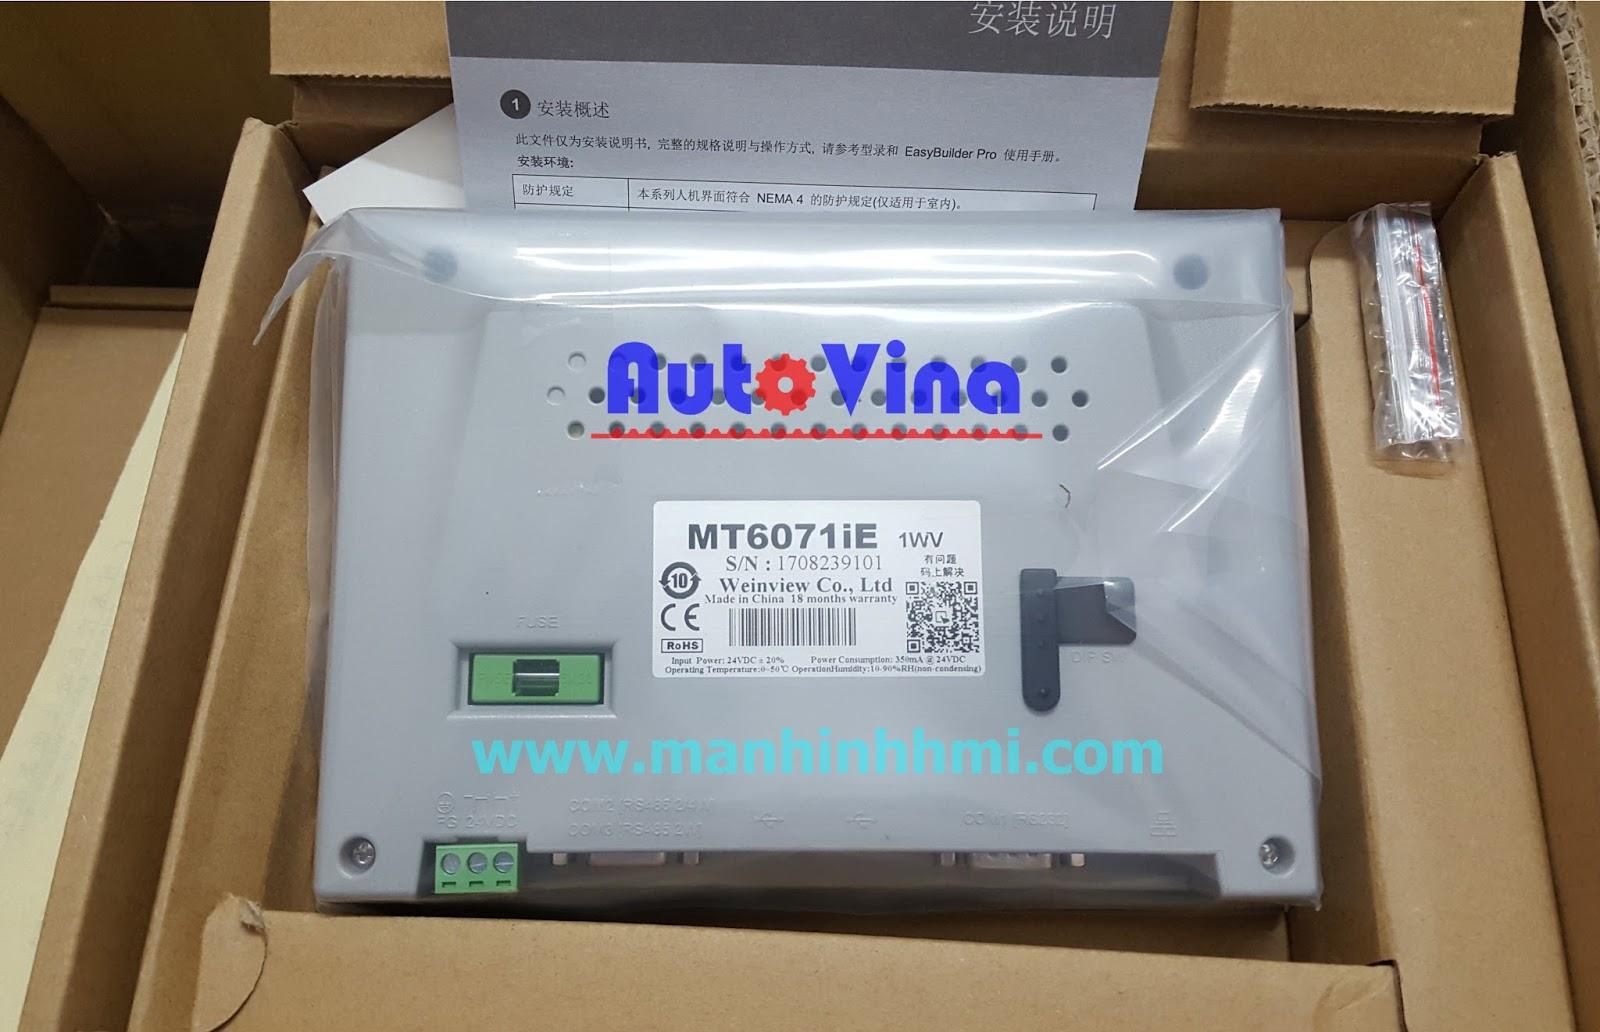 Đại lý bán màn hình cảm ứng HMI MT6071iE, hàng luôn có sẵn trong kho công ty Auto Vina